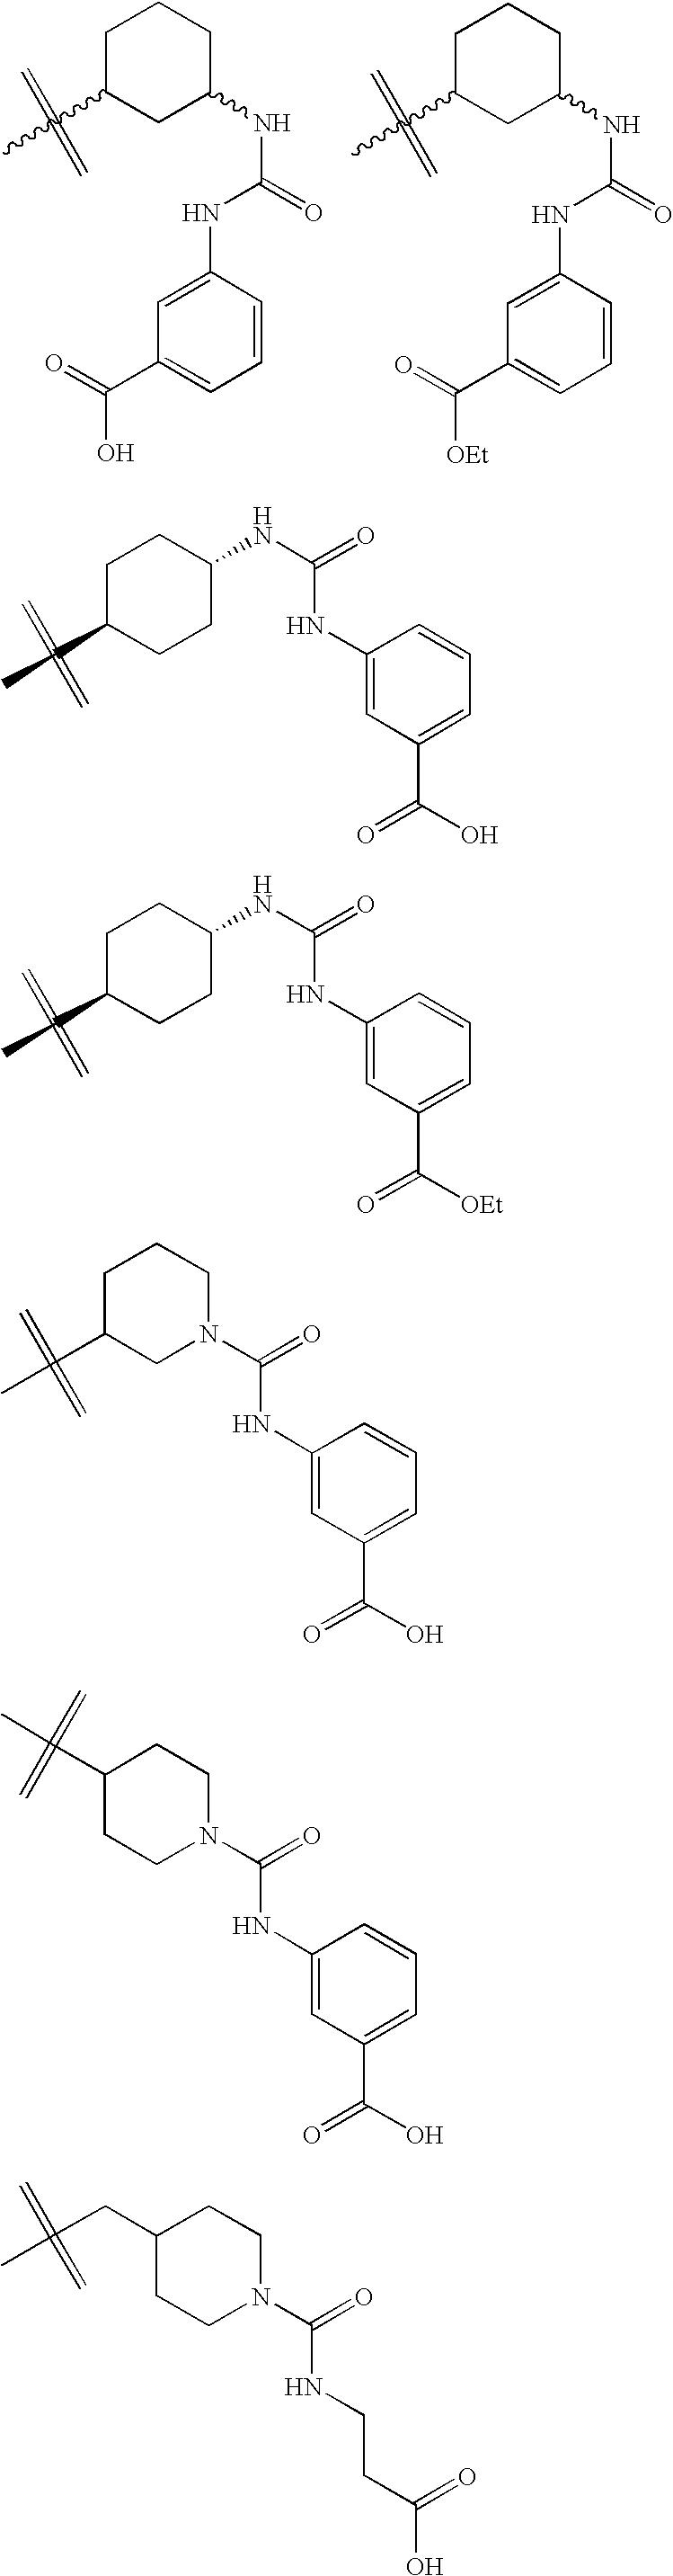 Figure US20070049593A1-20070301-C00101